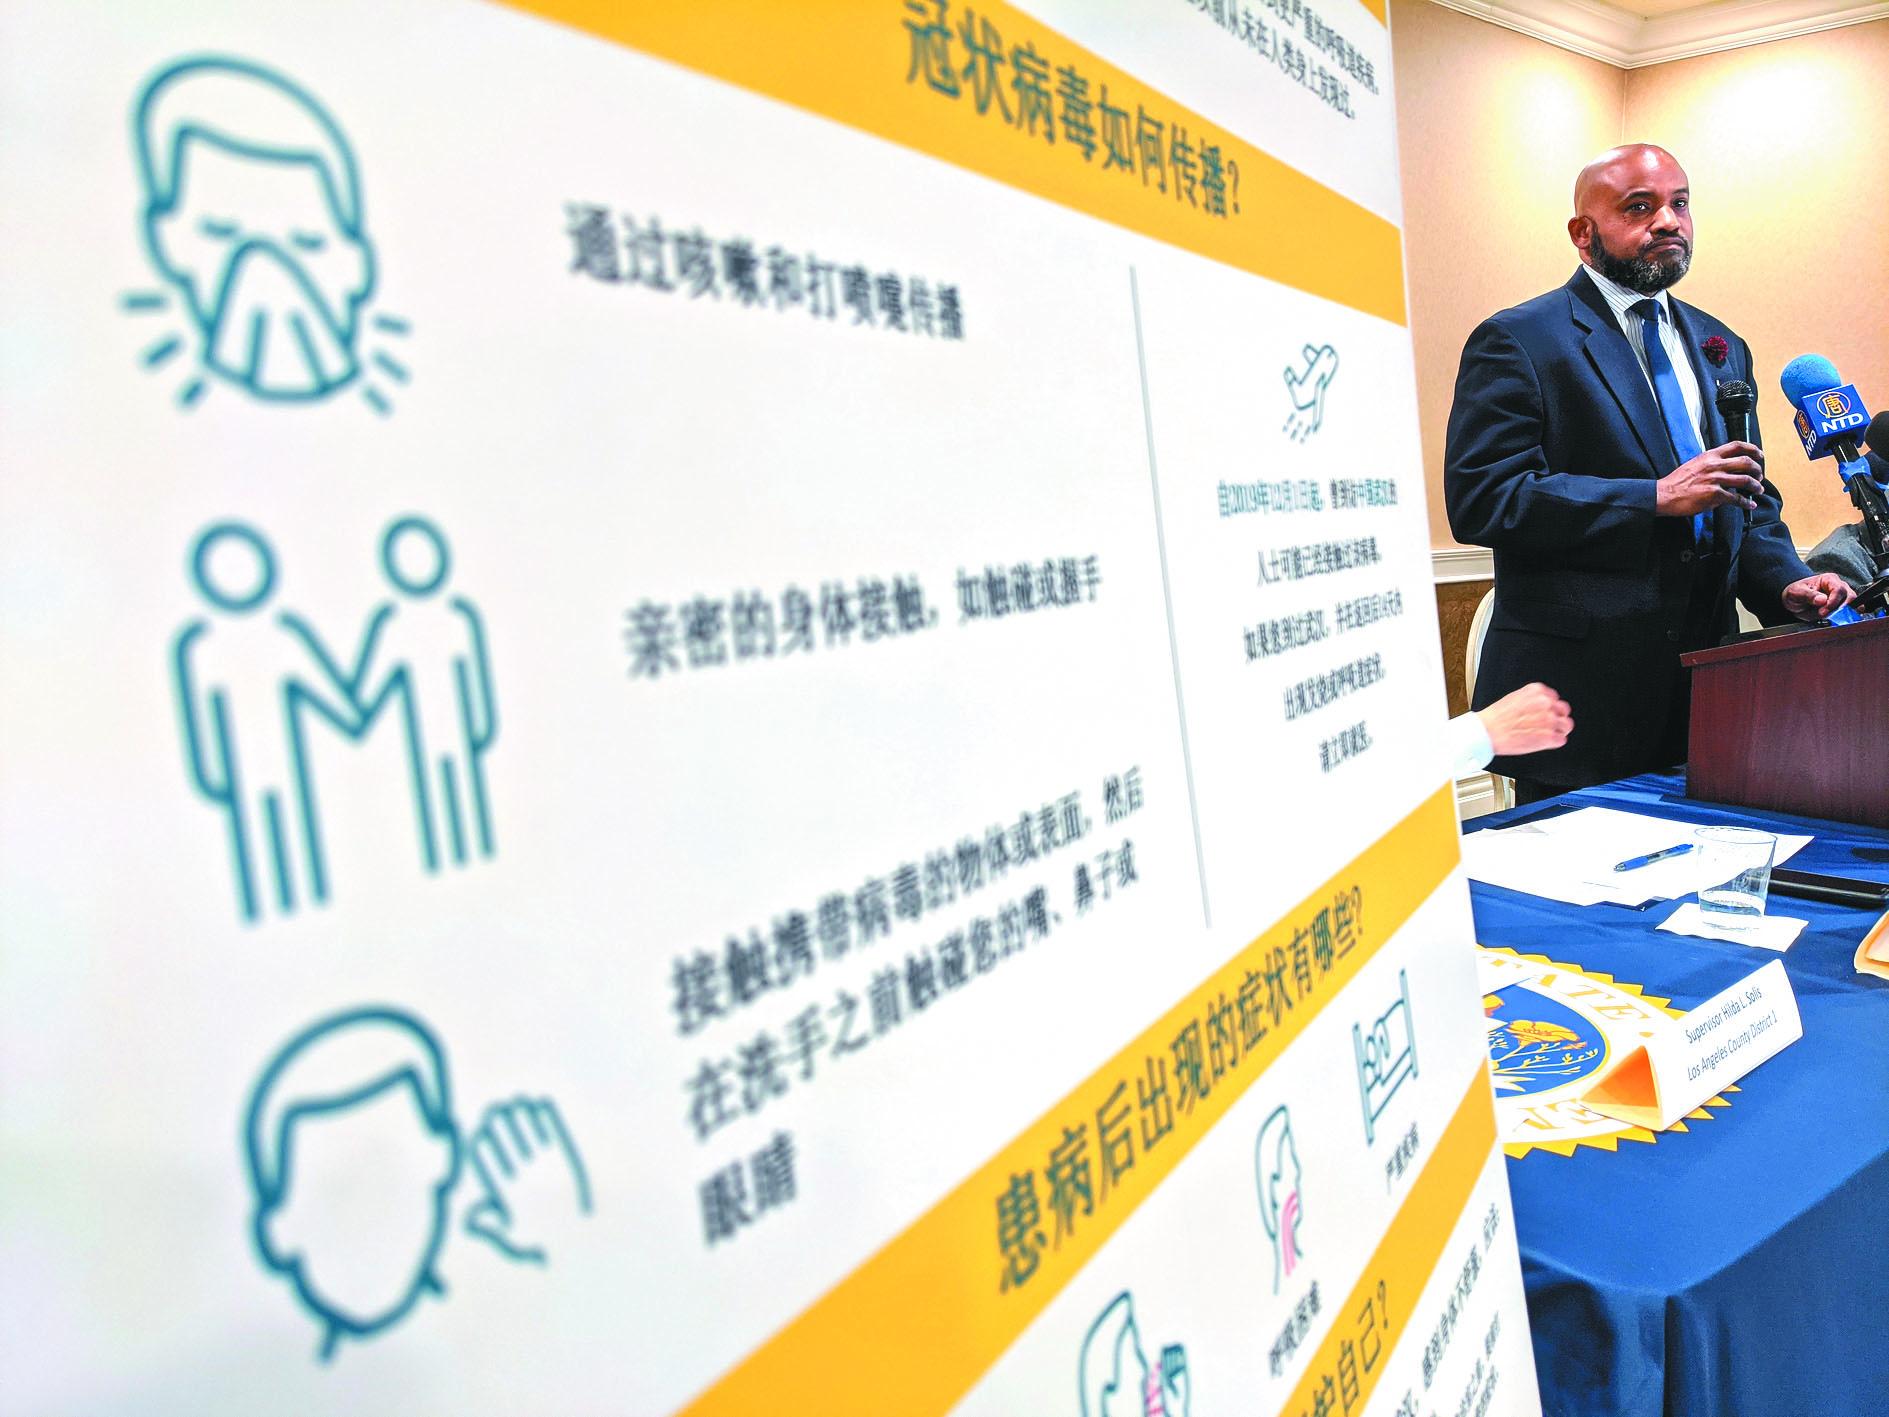 加州洛杉磯縣衛生官員在華裔集中的社區講述新冠病毒的傳播途徑。(美聯社)